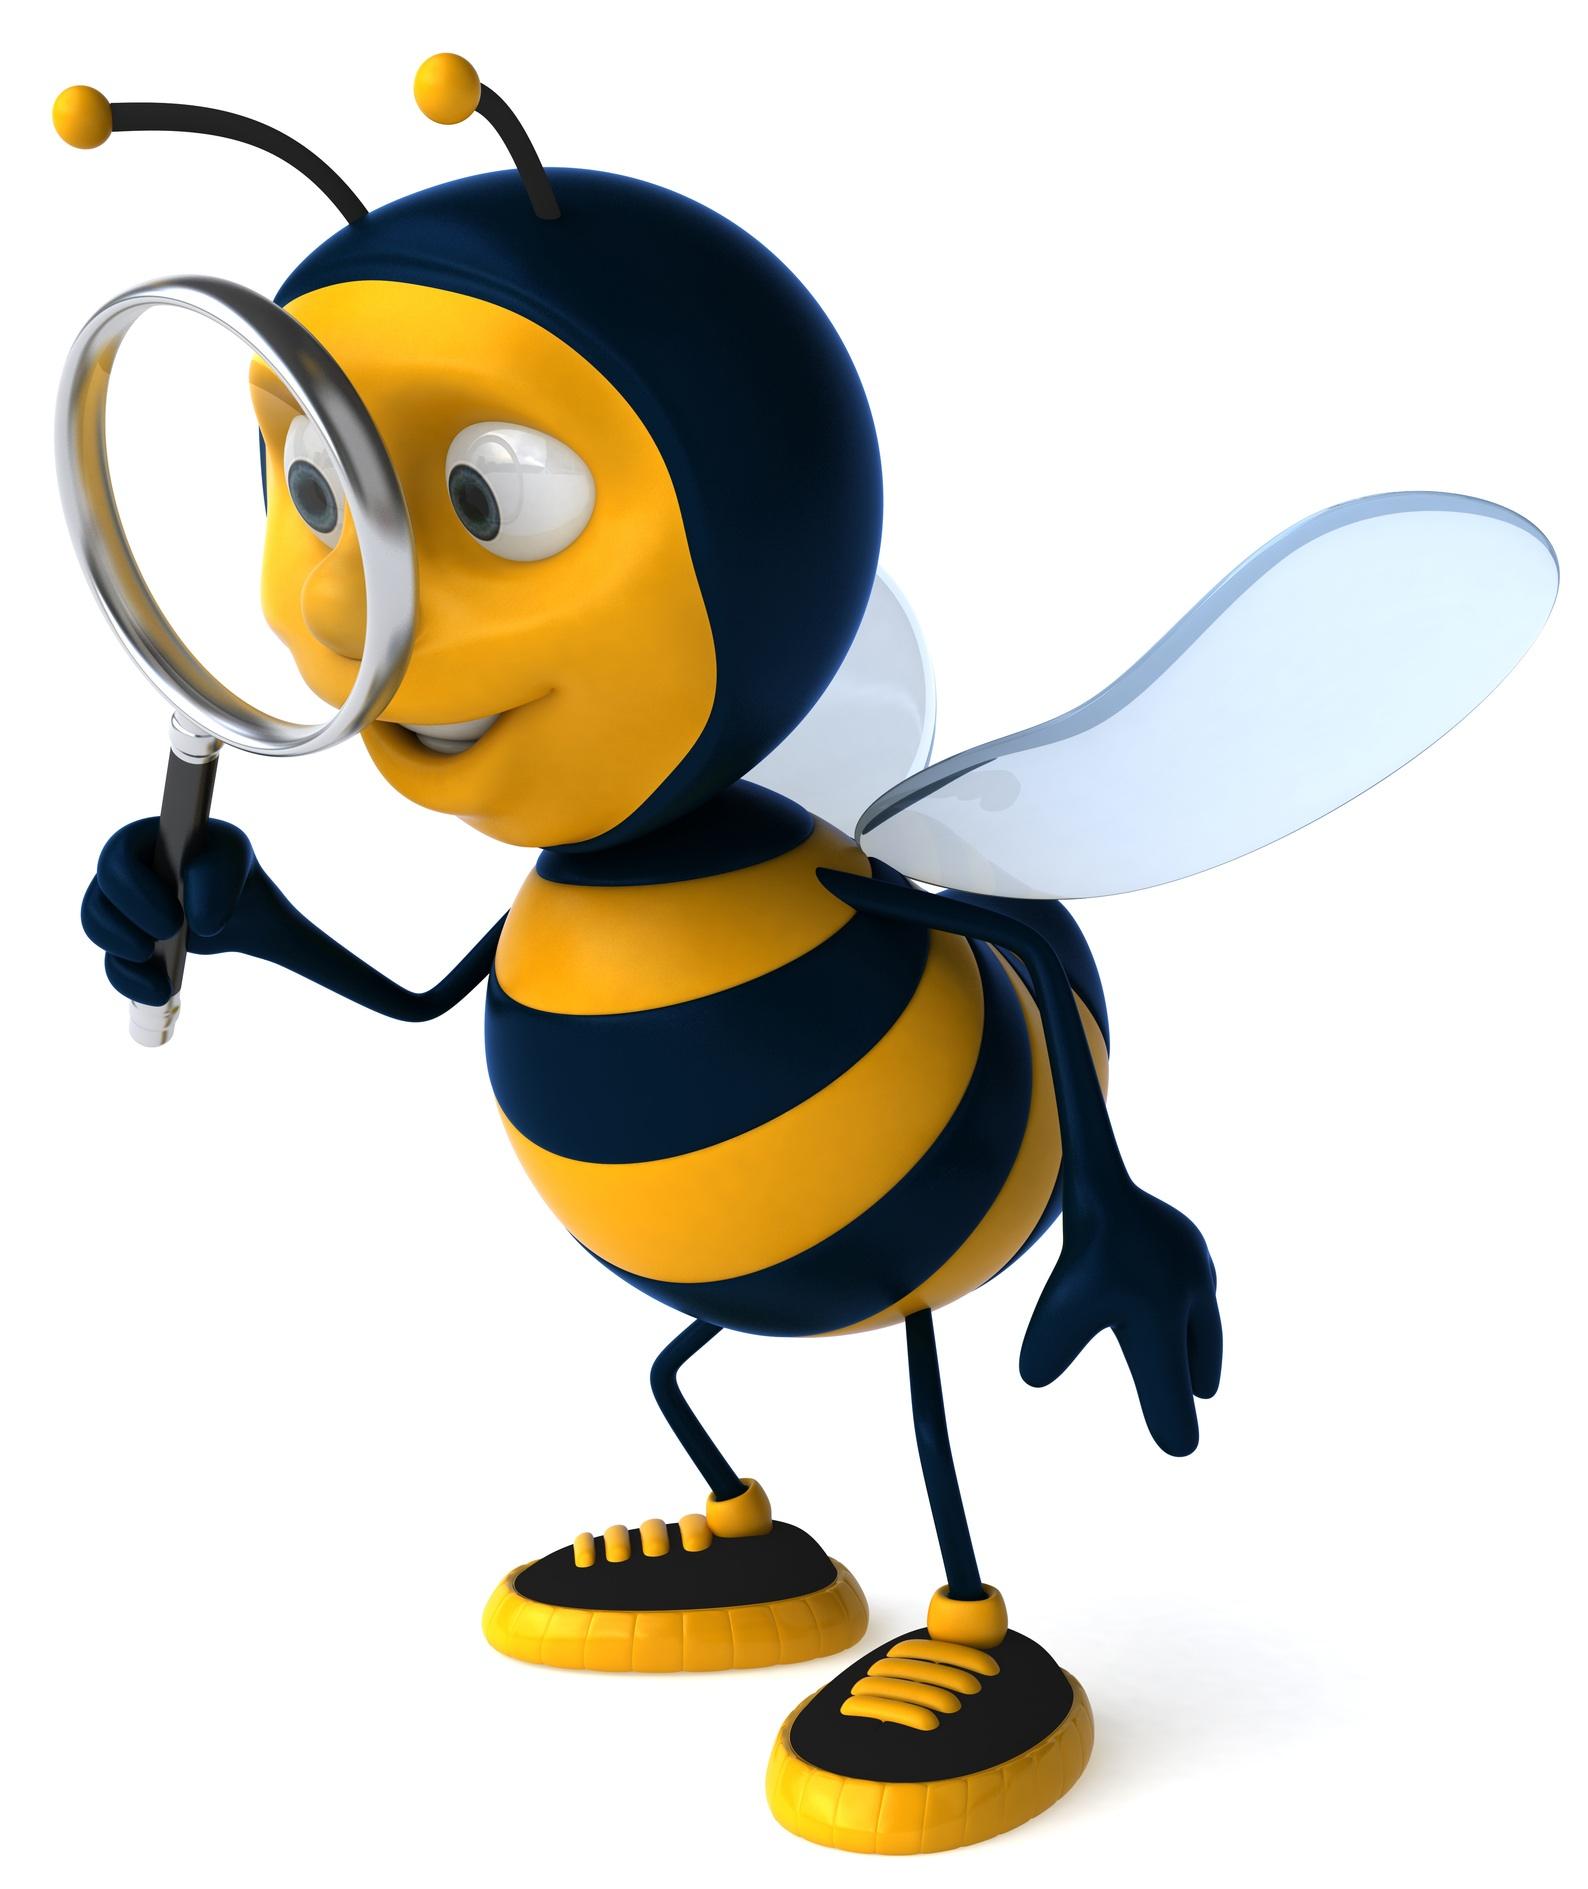 1588x1889 Best Photos Of Bumble Bee Cartoon